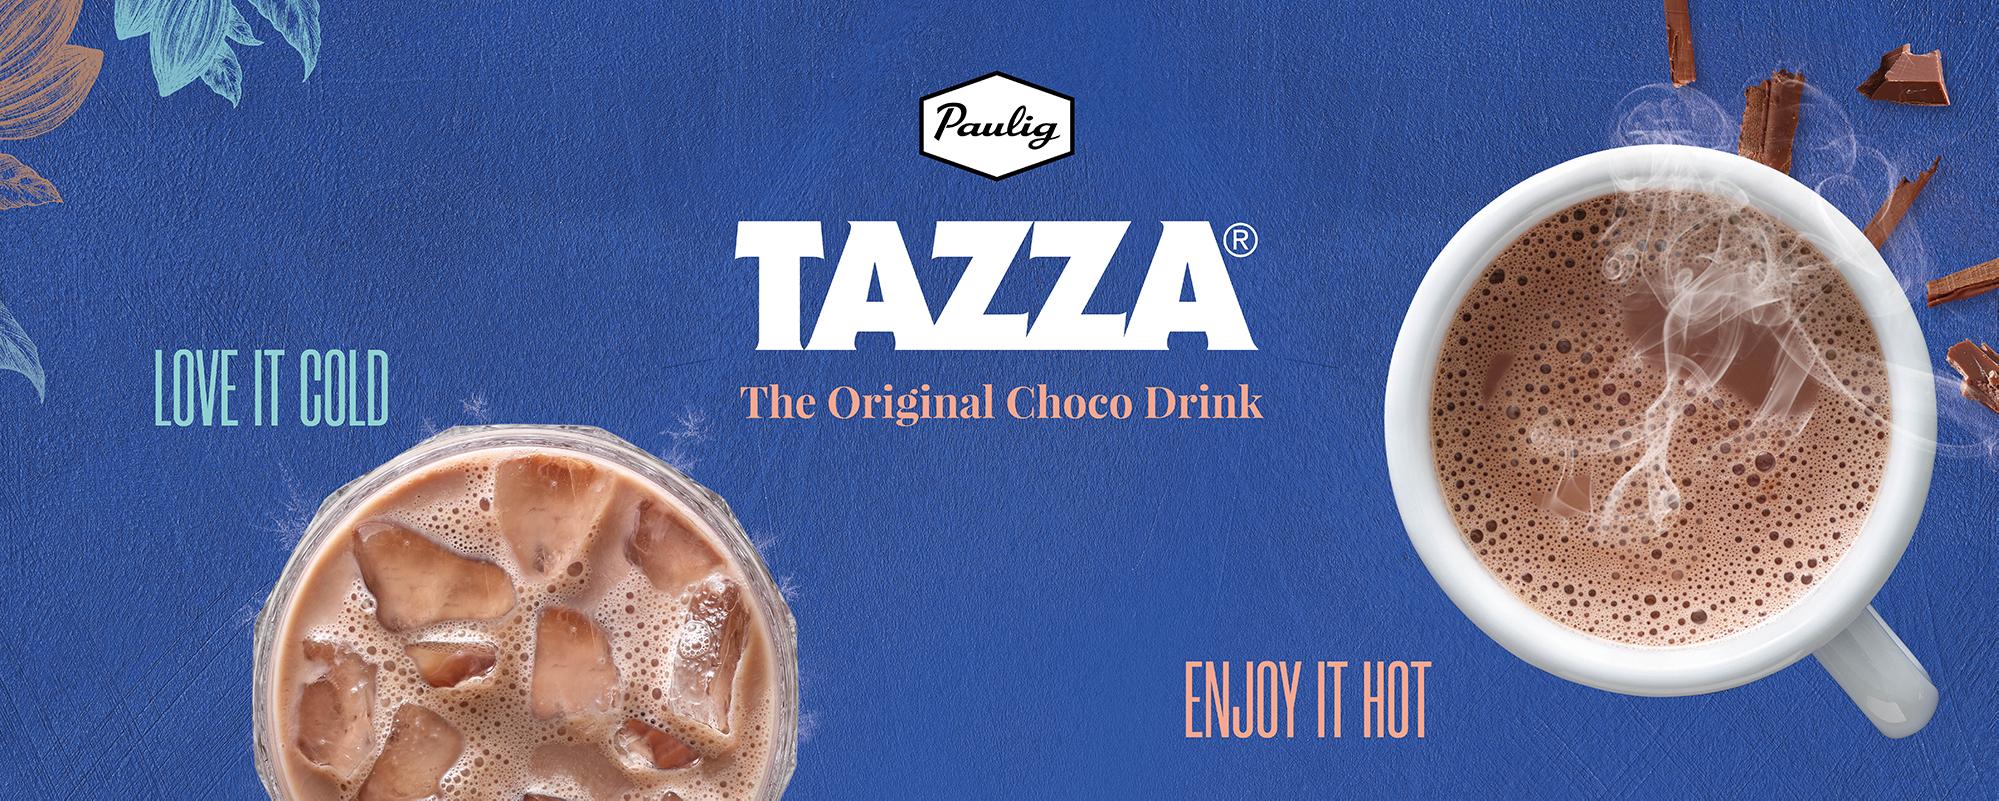 tazza-teksti sinisellä taustalla jossa on kaksi mukia kaakaota